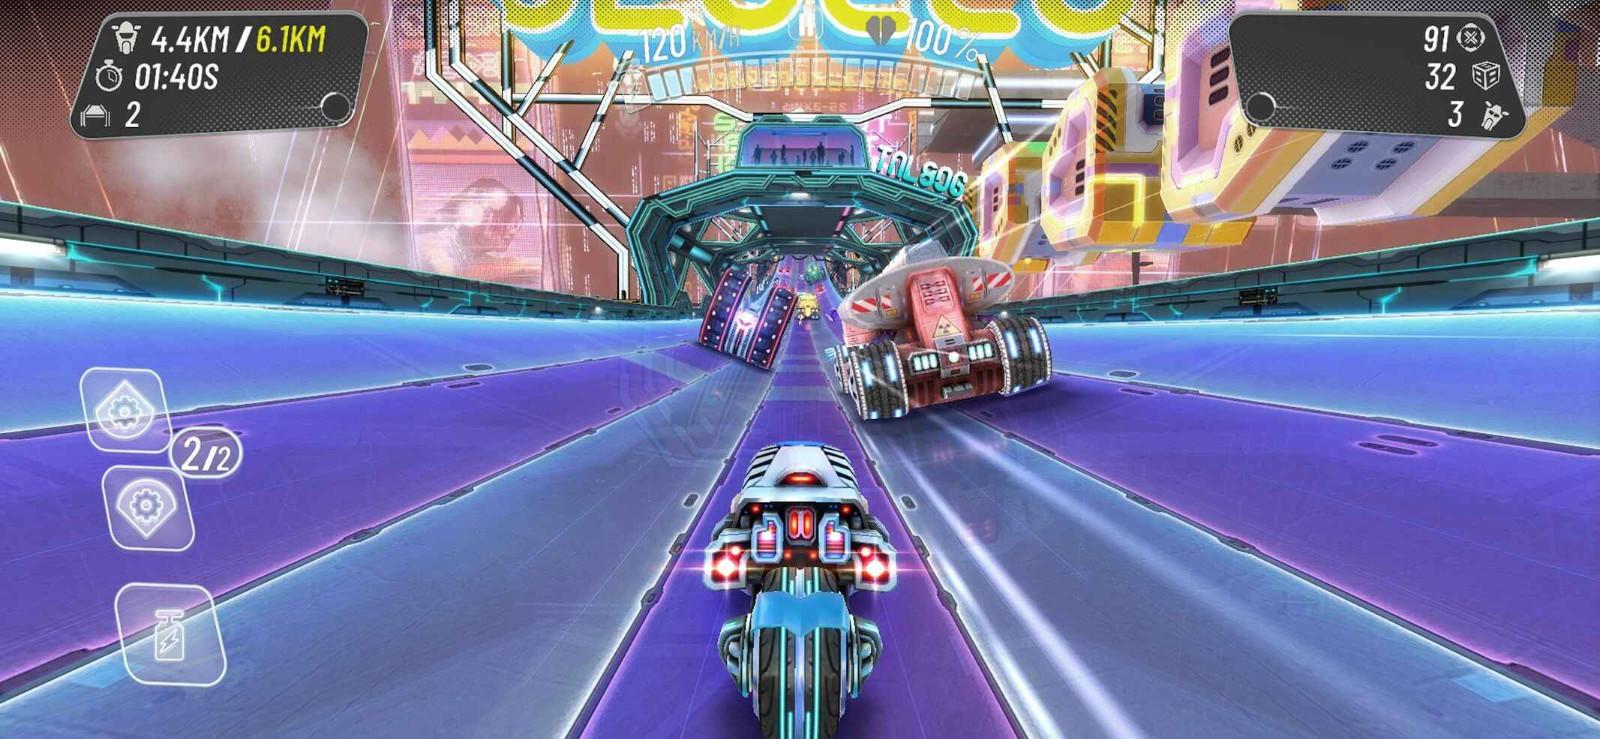 超现实摩托飙车游戏下载-超现实摩托飙车安卓版下载v2.0.2-叶子猪游戏网